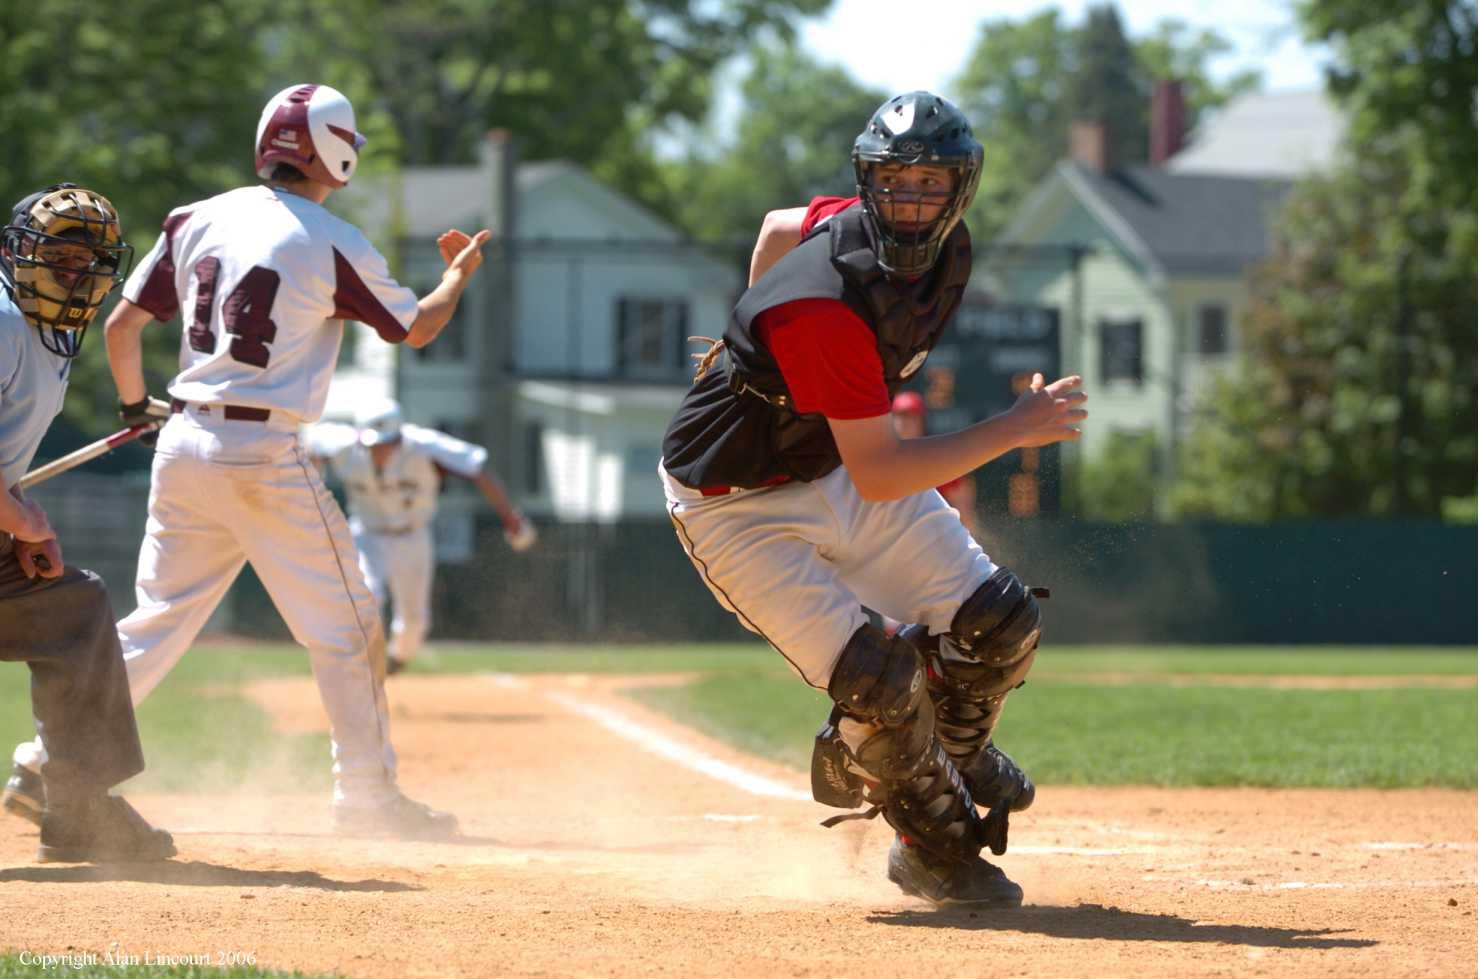 Lincourt Catcher batter runner umpire